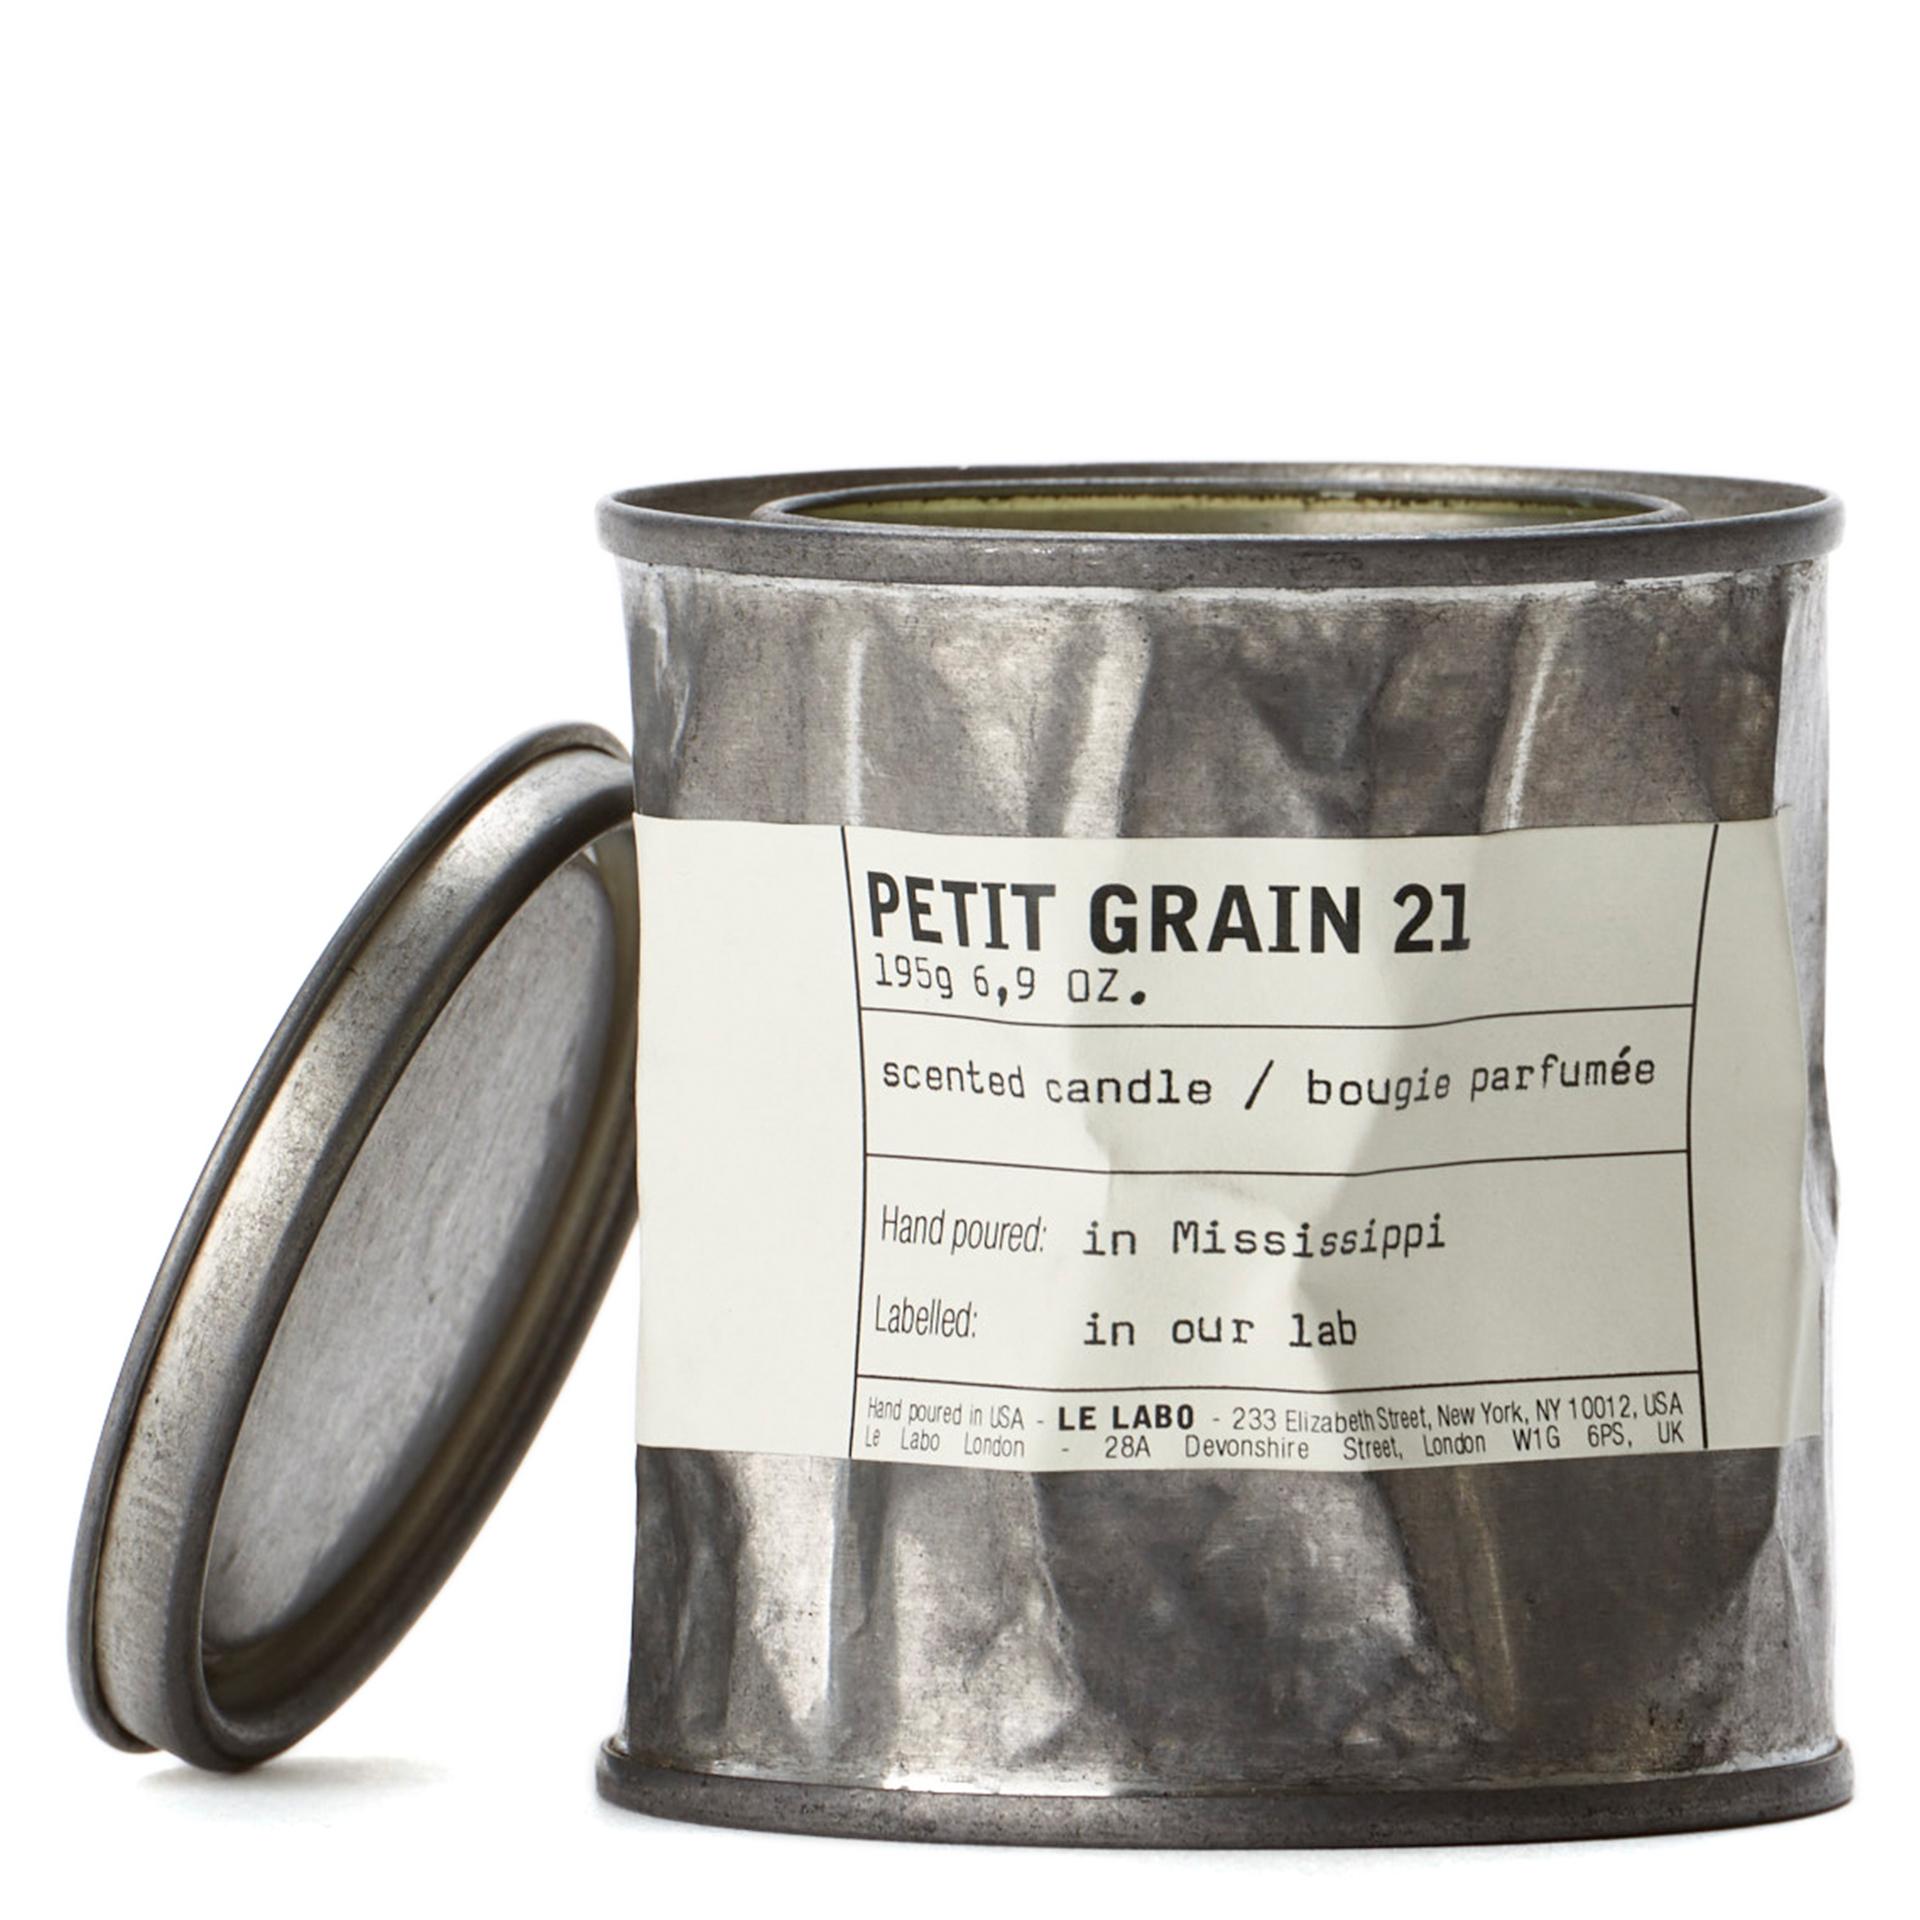 Petit Grain 21 - Vintage Candle